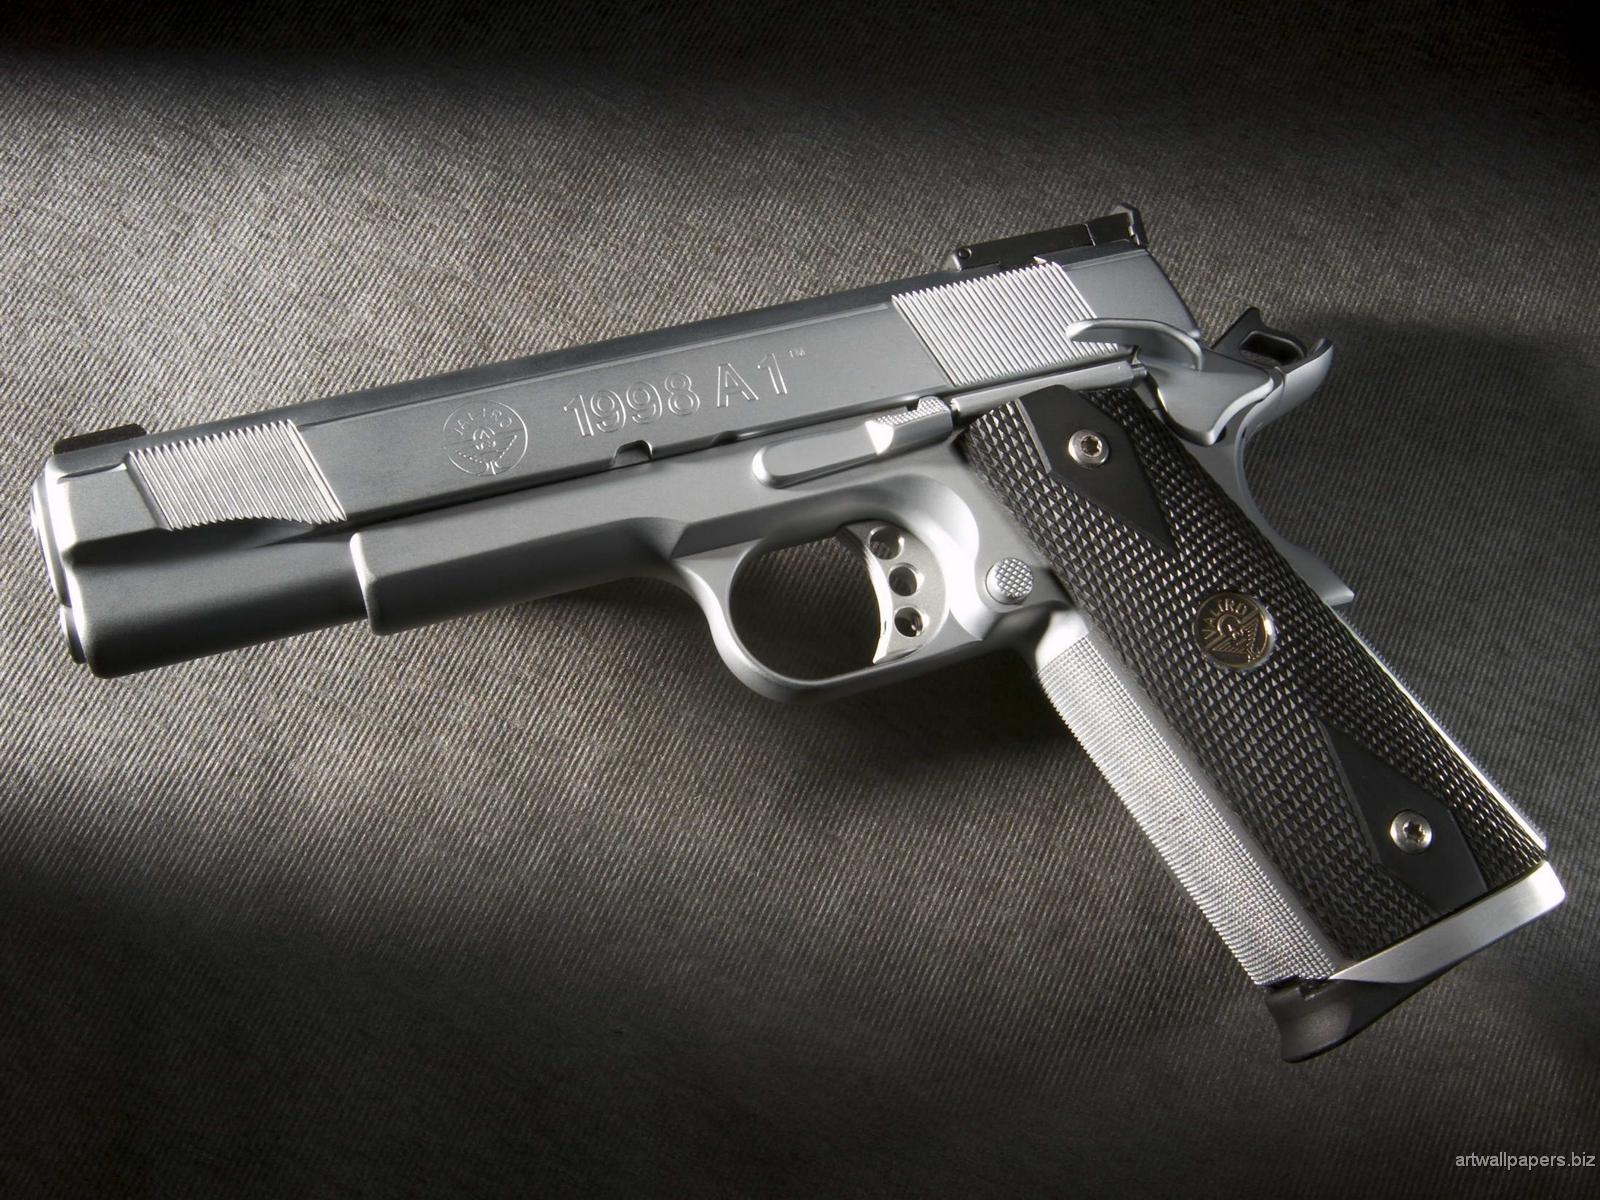 Guns Wallpapers Gun Wallpaper Weapon Desktop Backgrounds 1600x1200